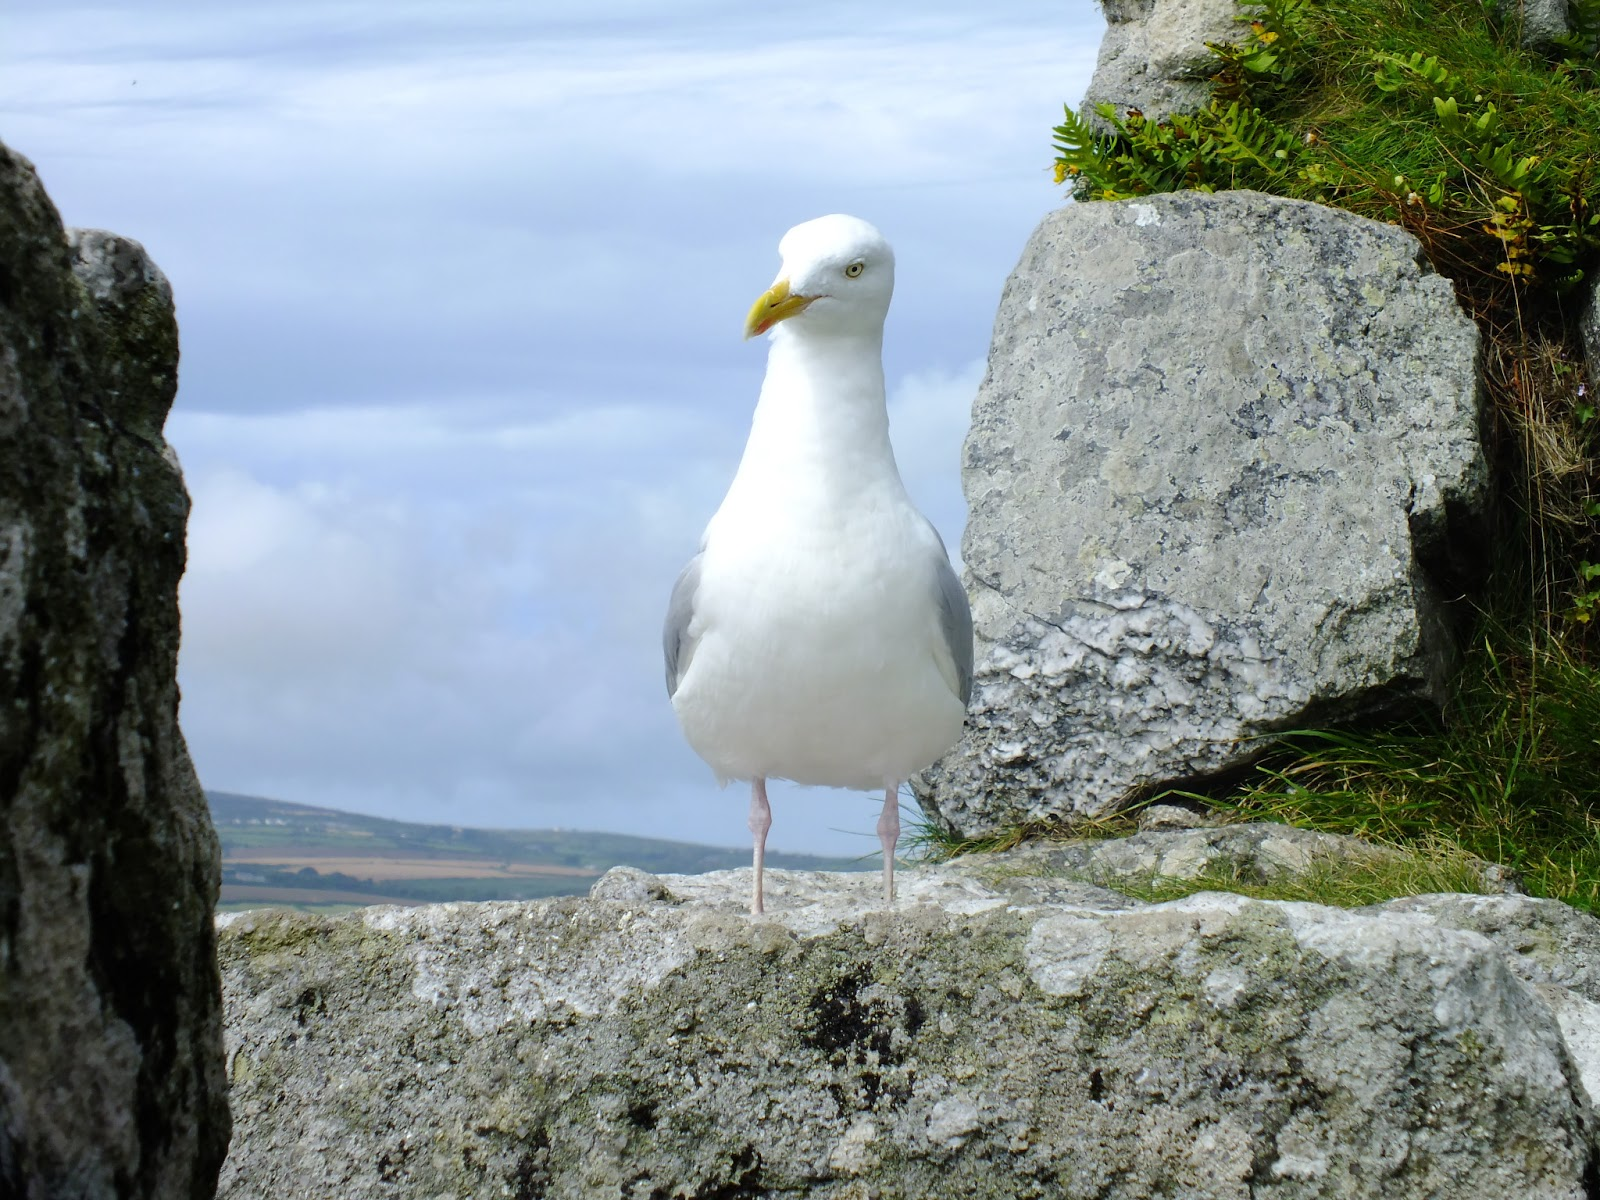 albatros duża mewa